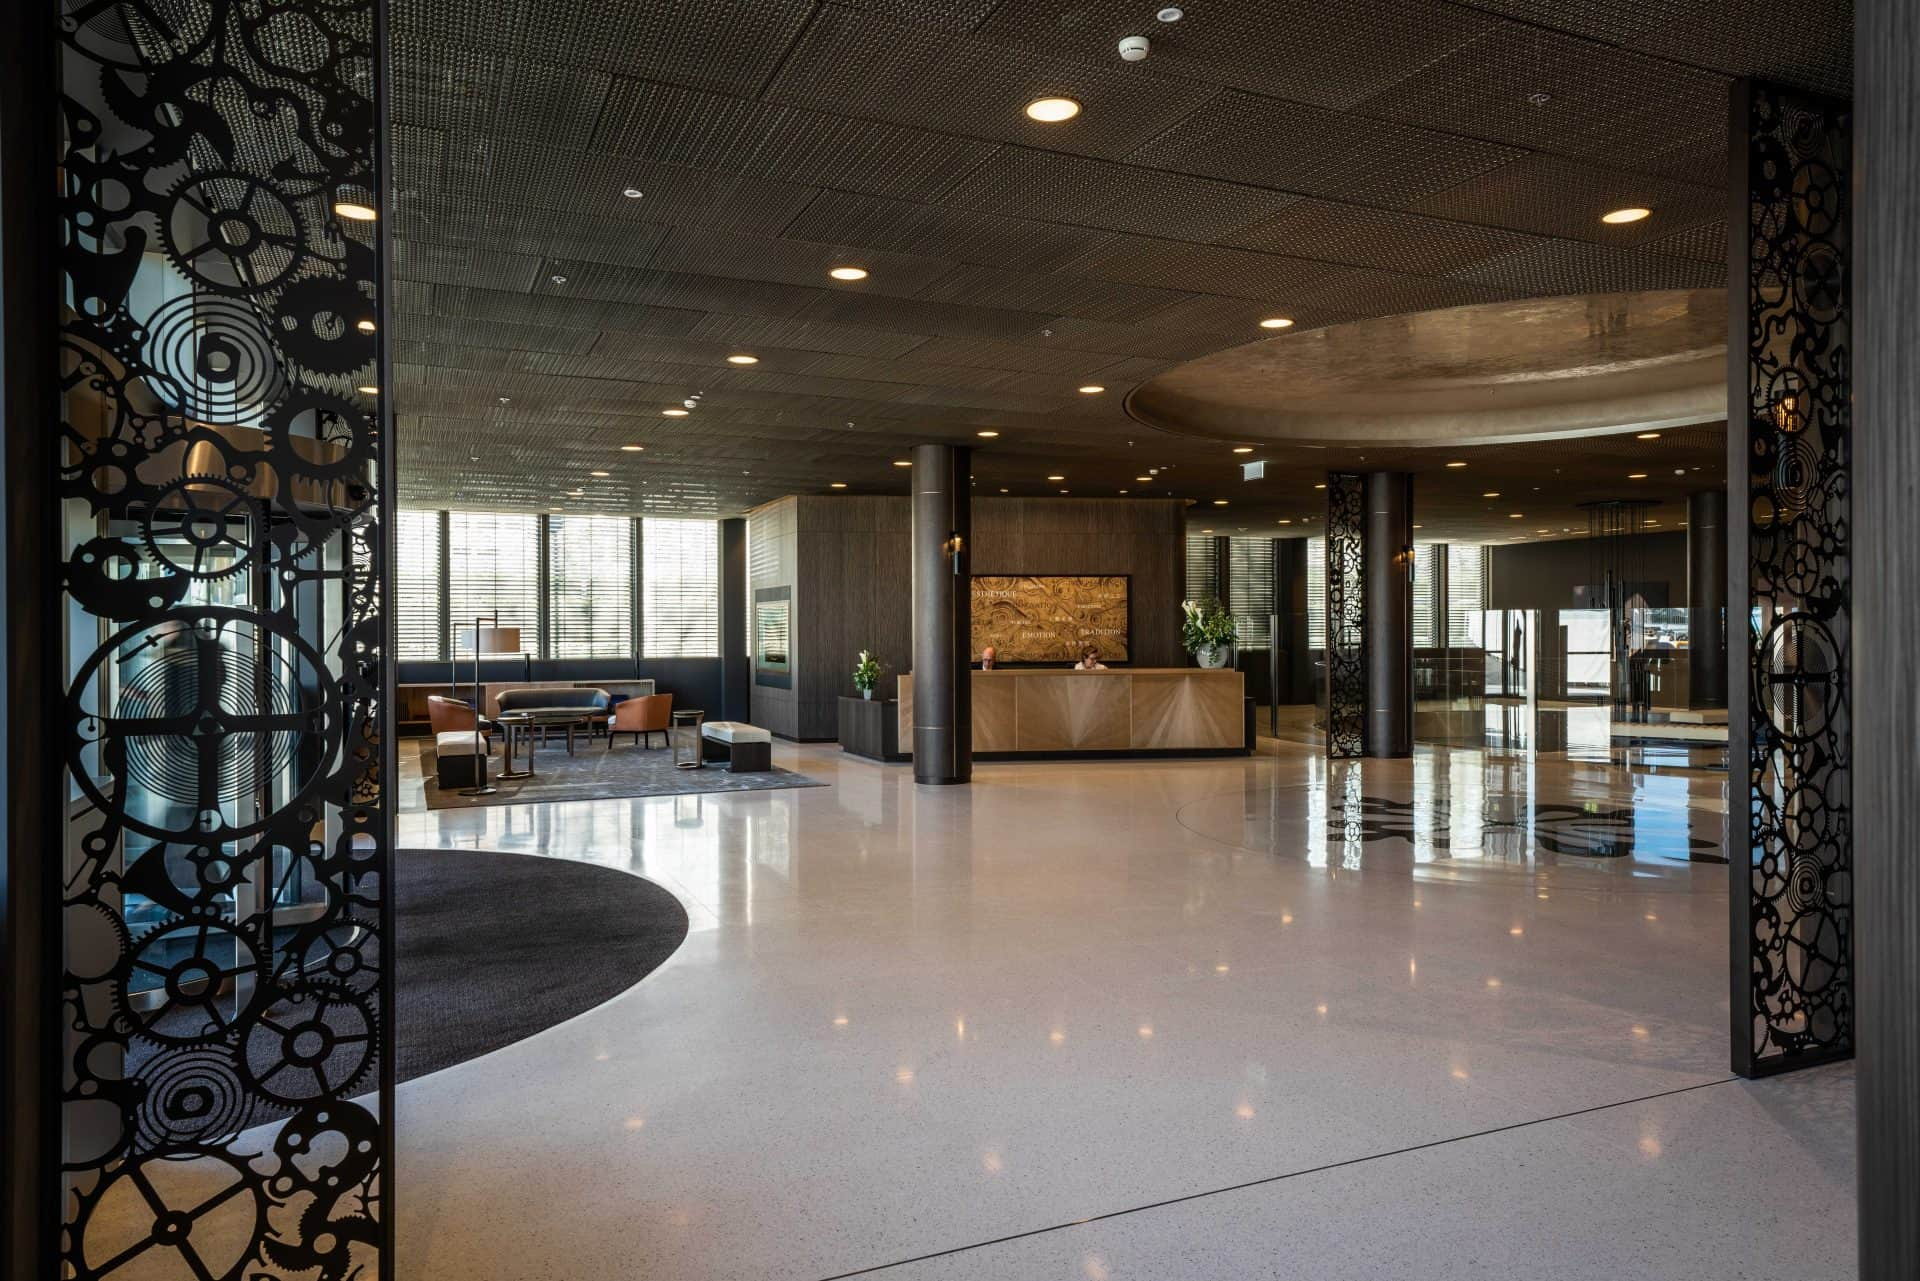 Das neue Patek Philippe Manufakturgebäudes in Genf ist ein Schmuckstück